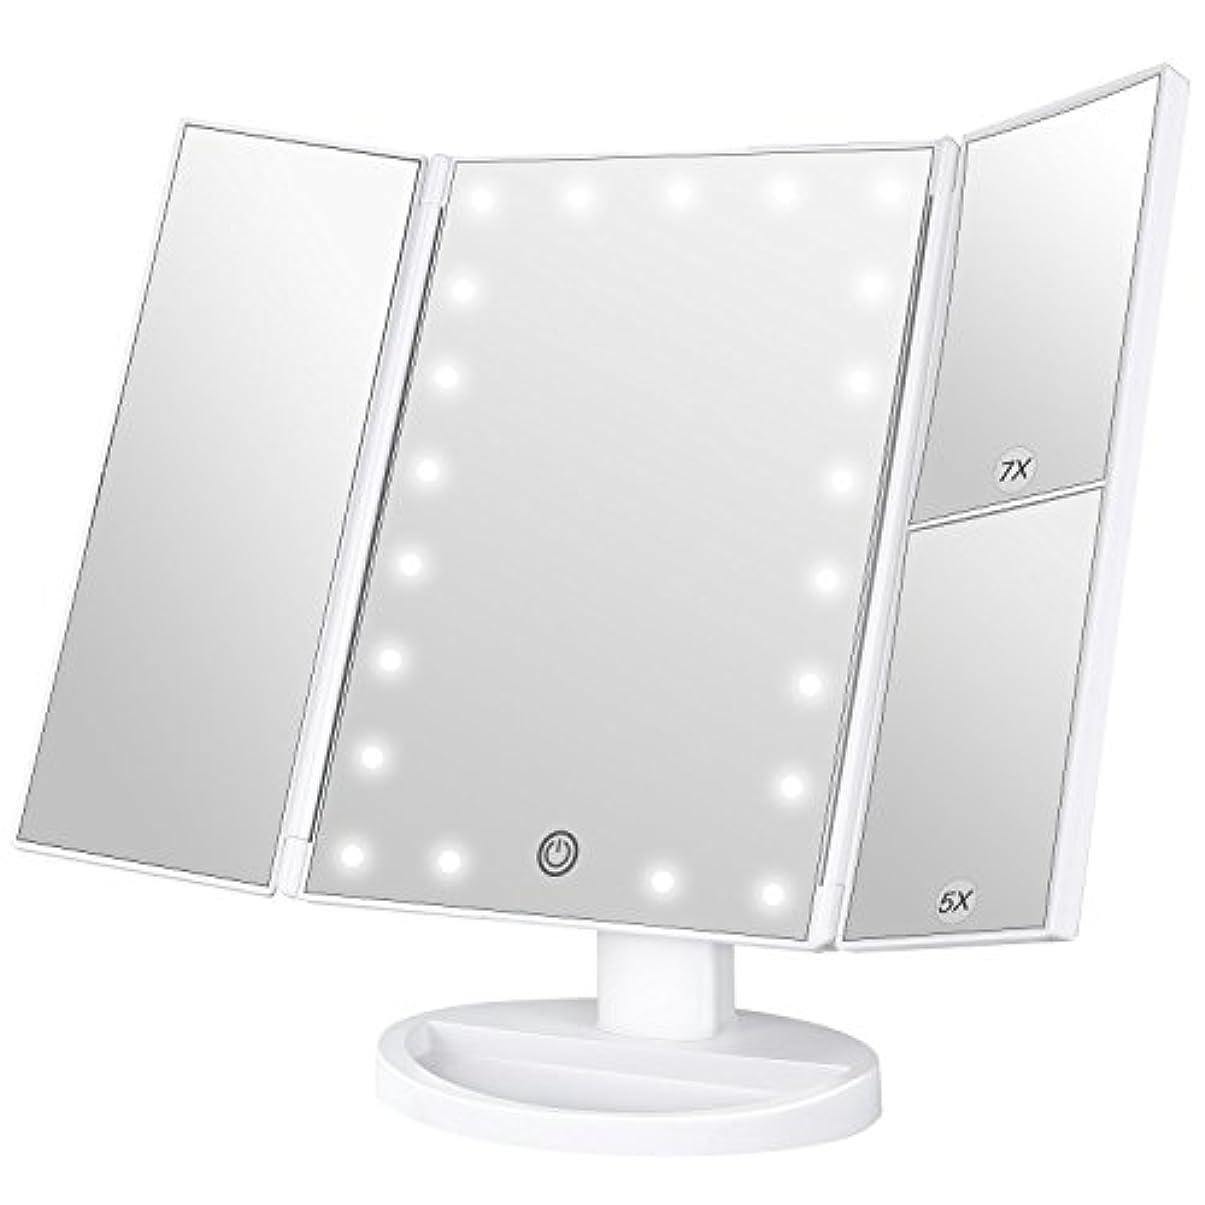 してはいけません代数してはいけませんBESTOPE 化粧鏡 卓上ミラー 鏡 三面鏡 卓上 led付き 折りたたみ 拡大鏡 5倍 7倍 明るさ調節可能 180°回転 電池&USB 2WAY給電 (ホワイト)